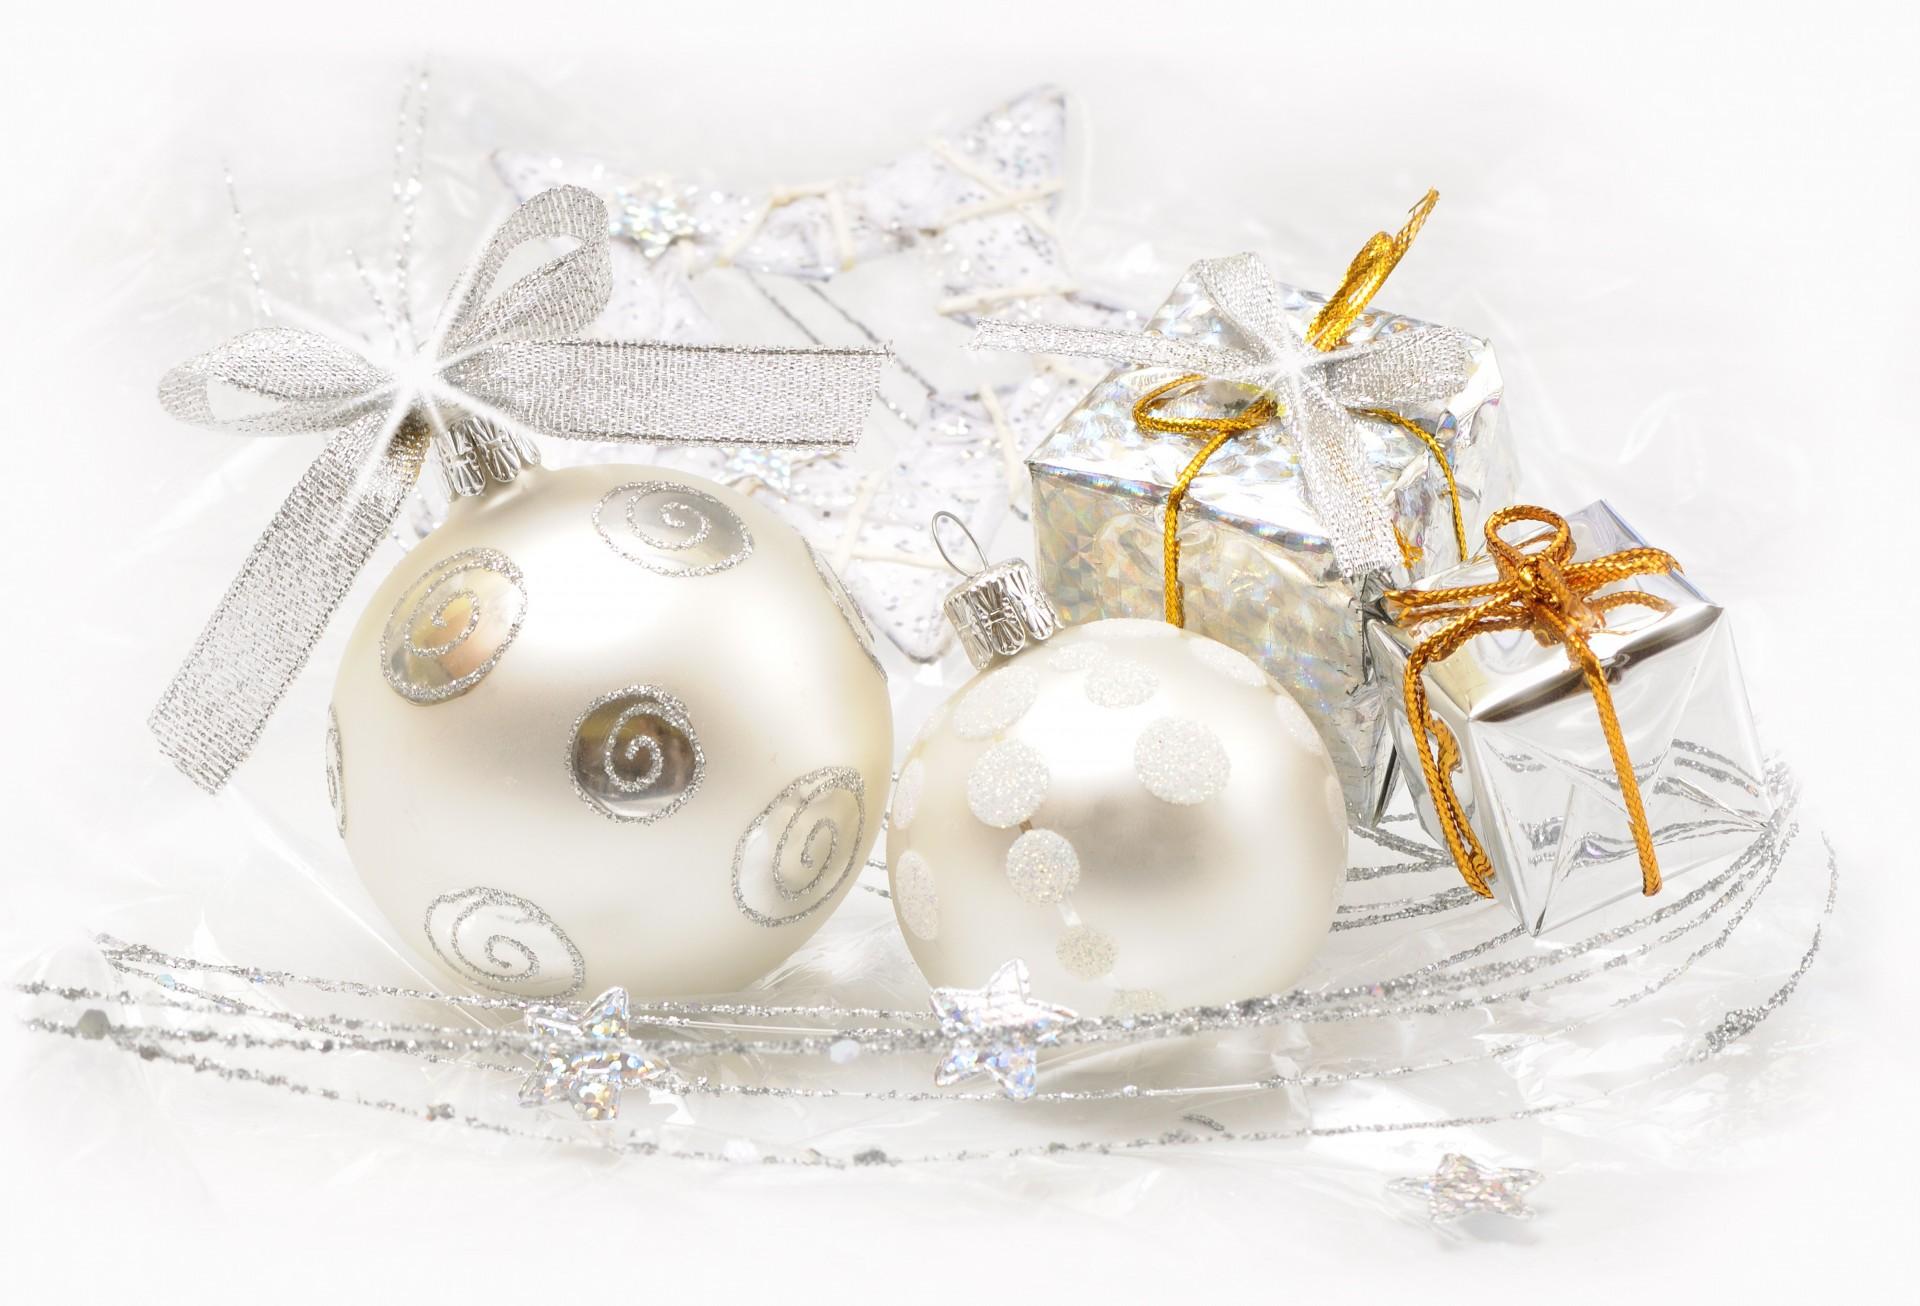 Грибов, картинки для украшения открыток на новый год